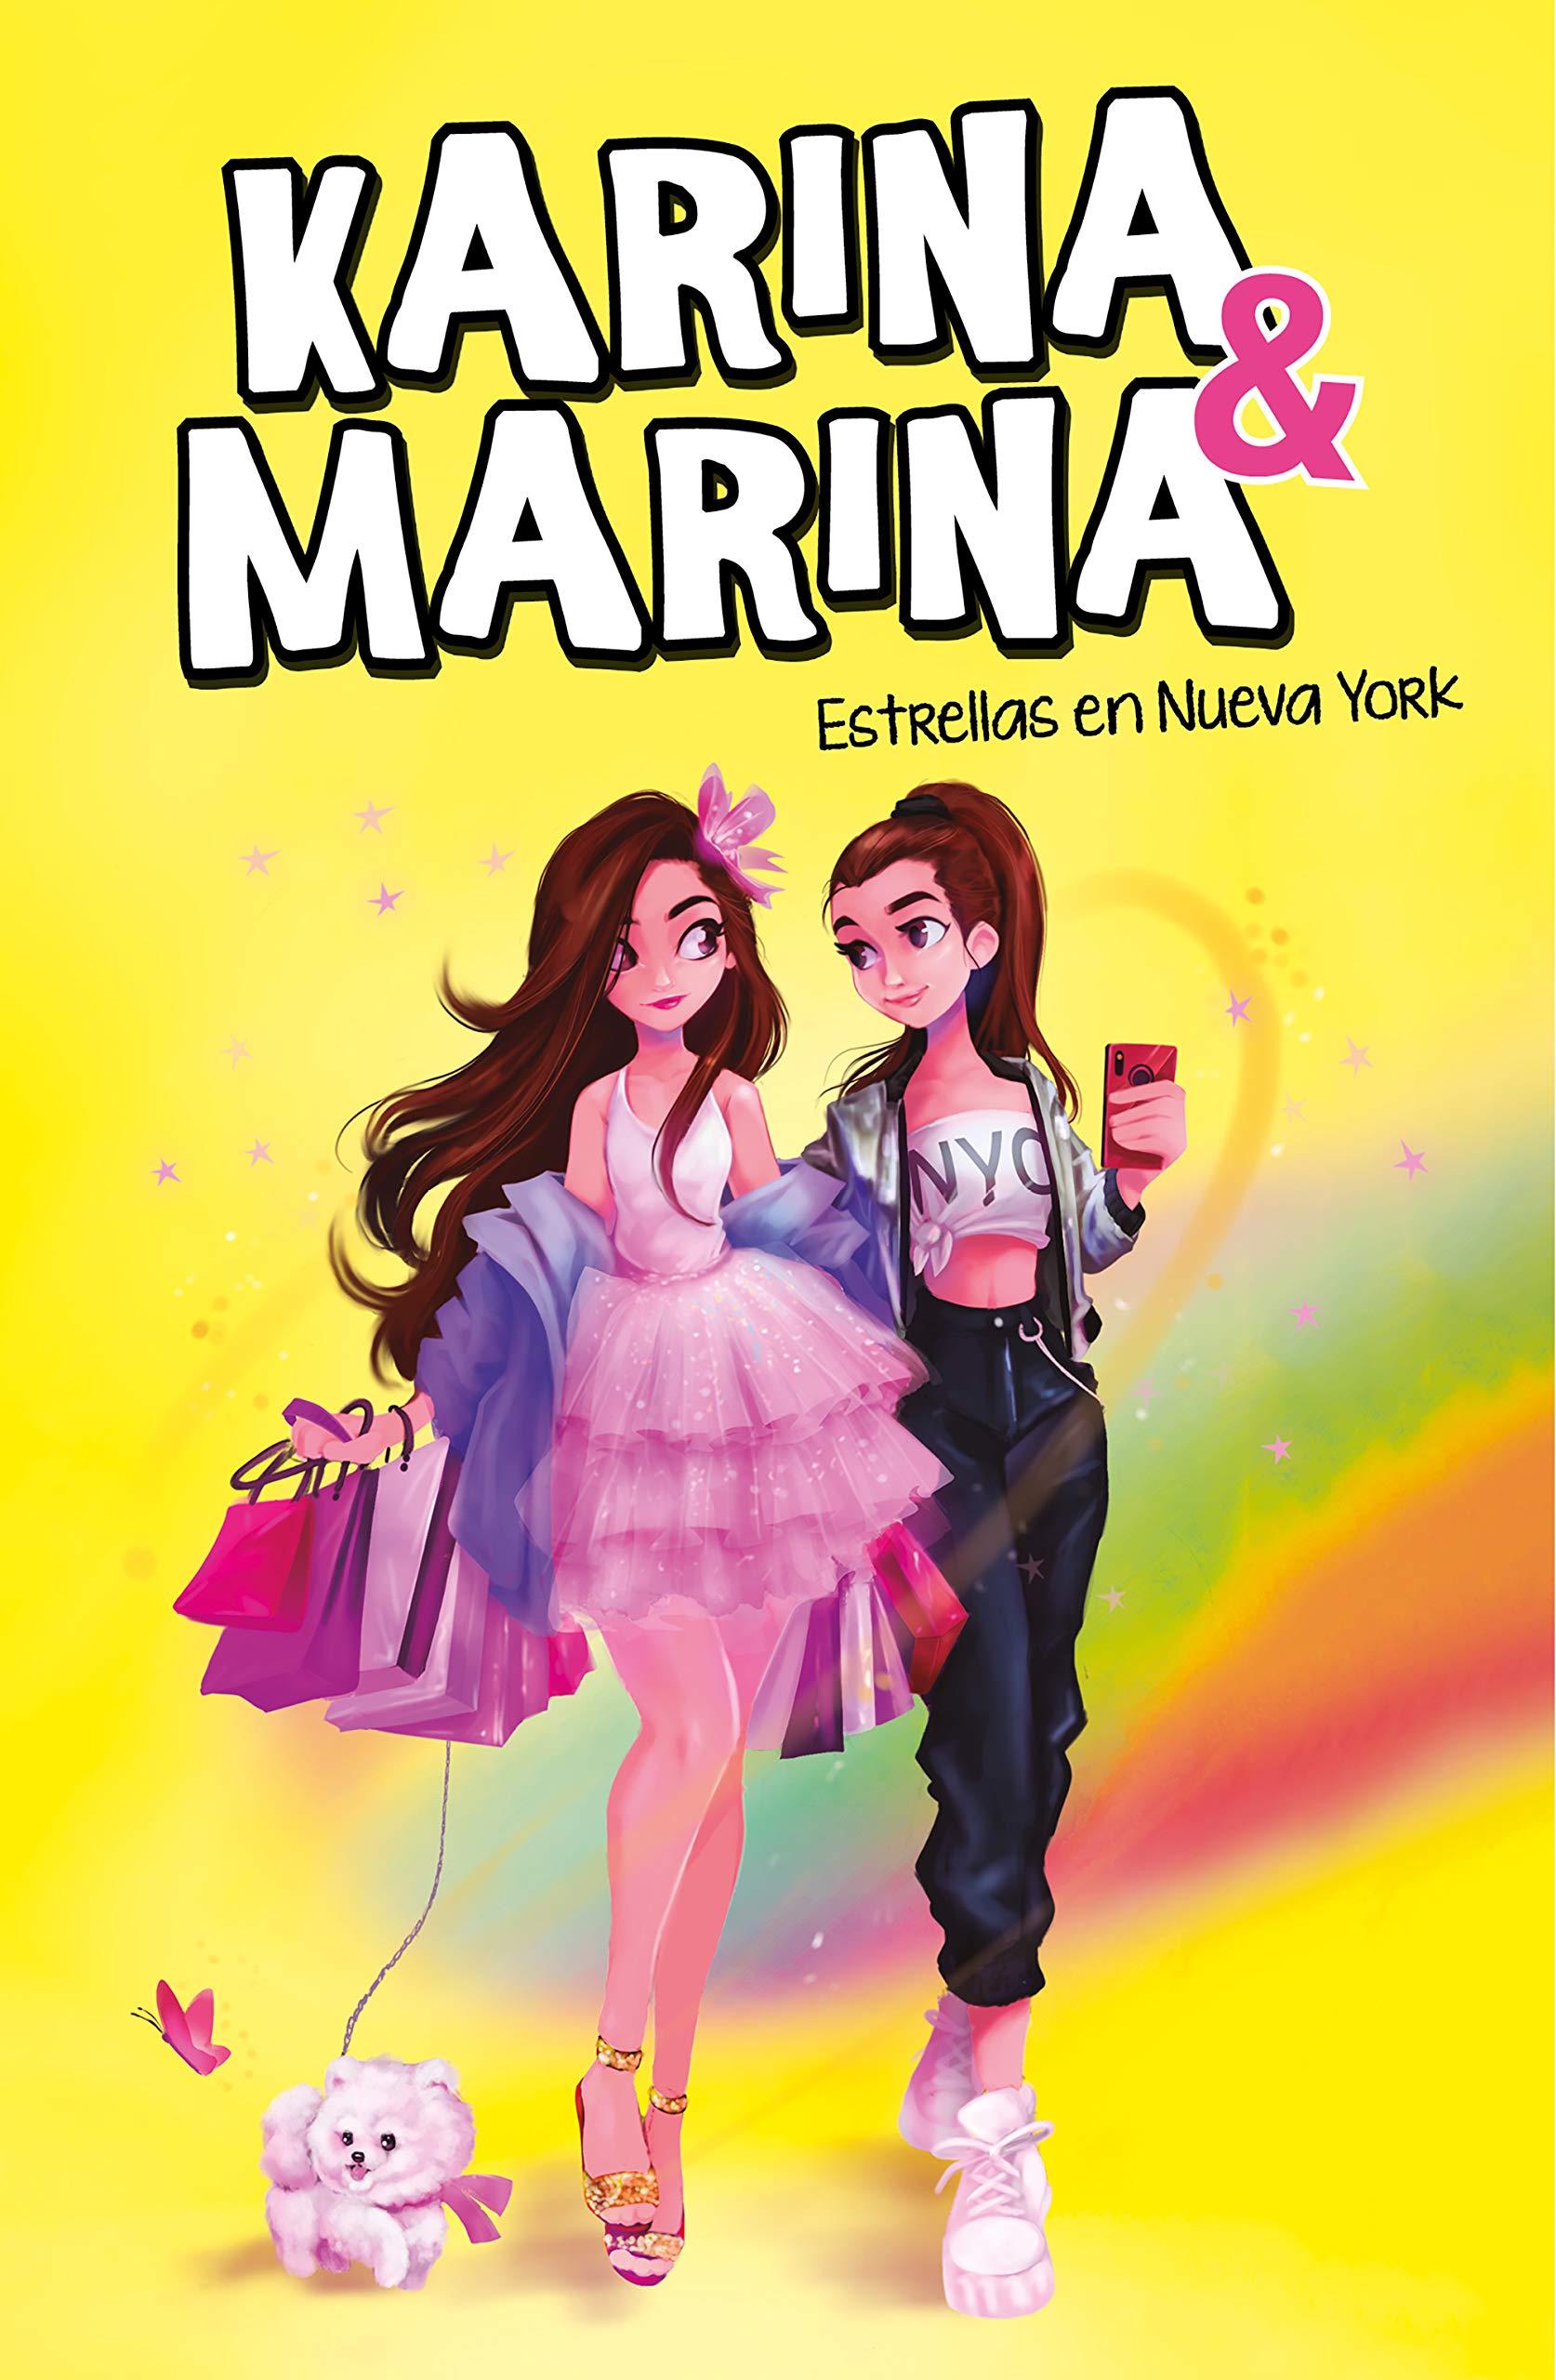 Estrellas en Nueva York (Karina & Marina 3): Amazon.es: Karina & Marina: Libros